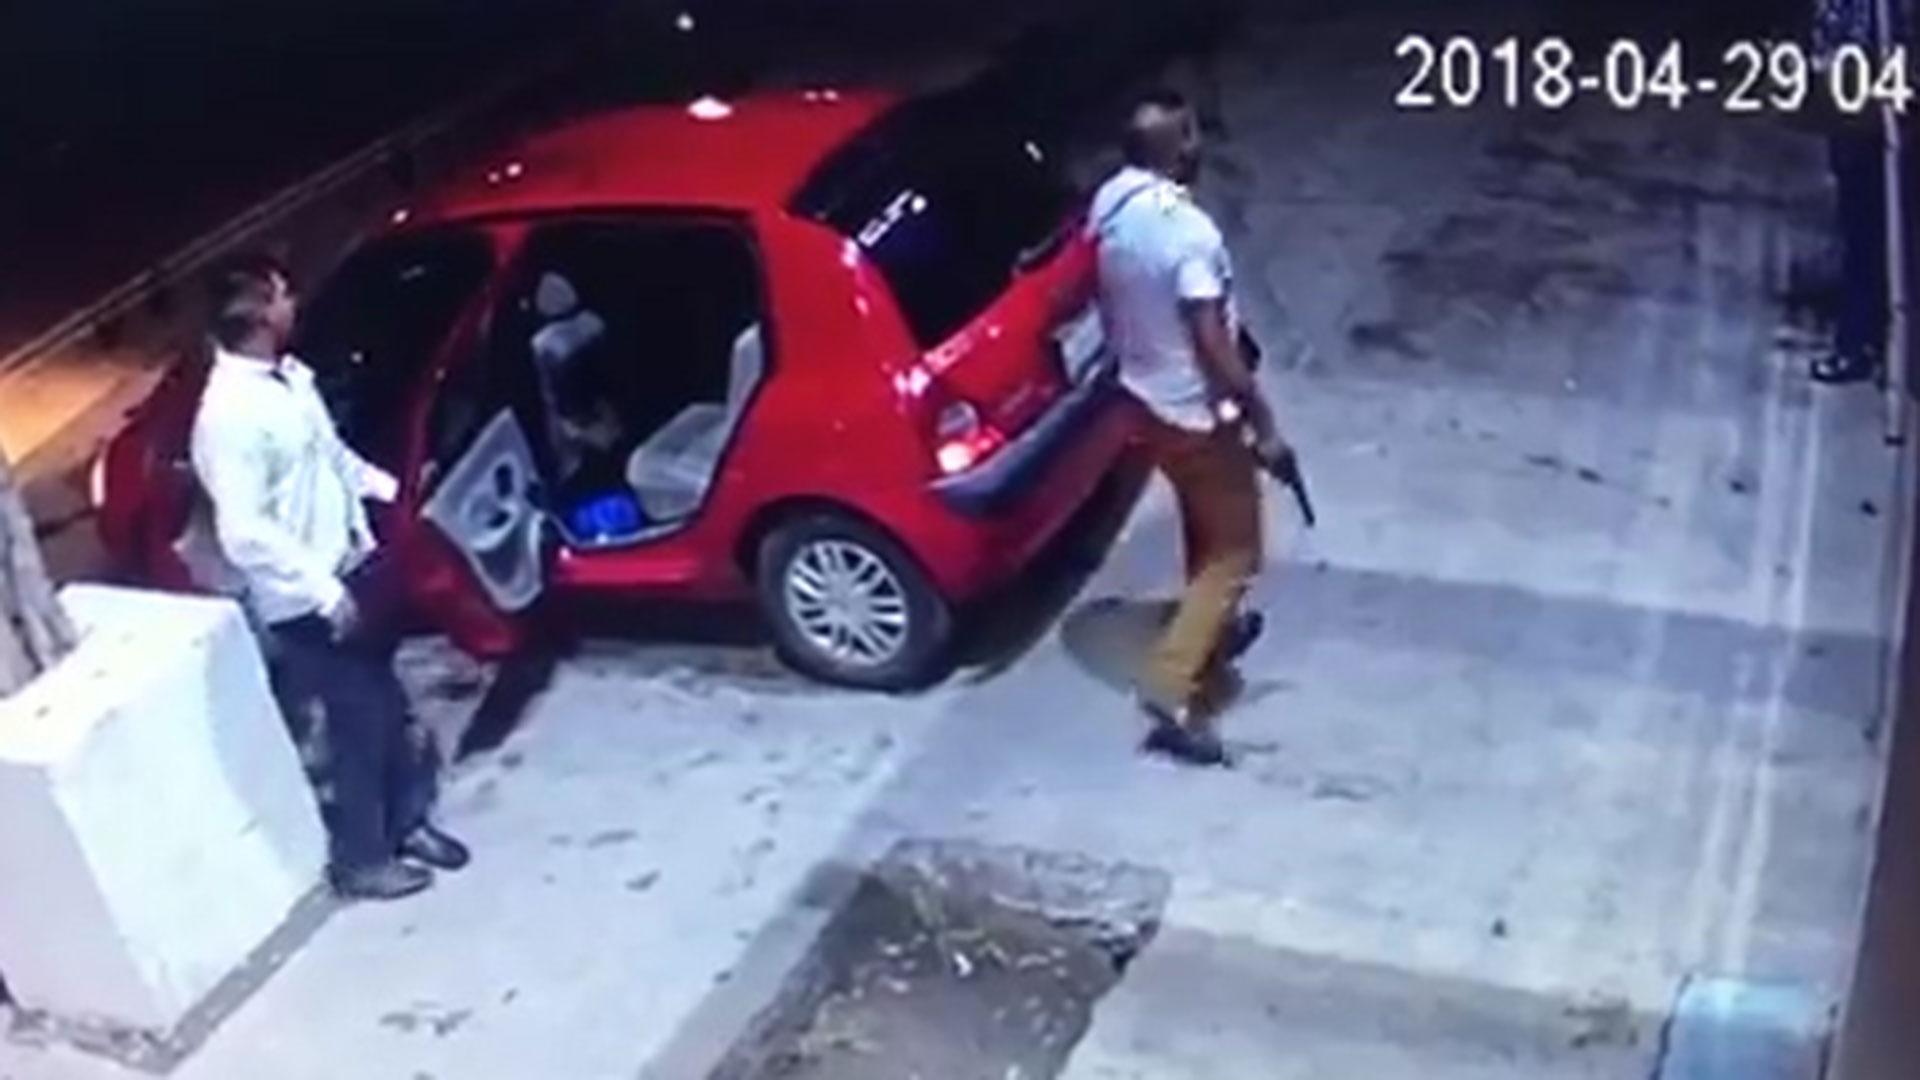 Los atacantes volvieron al bar luego de que los corrieron por maltratar a una mujer.